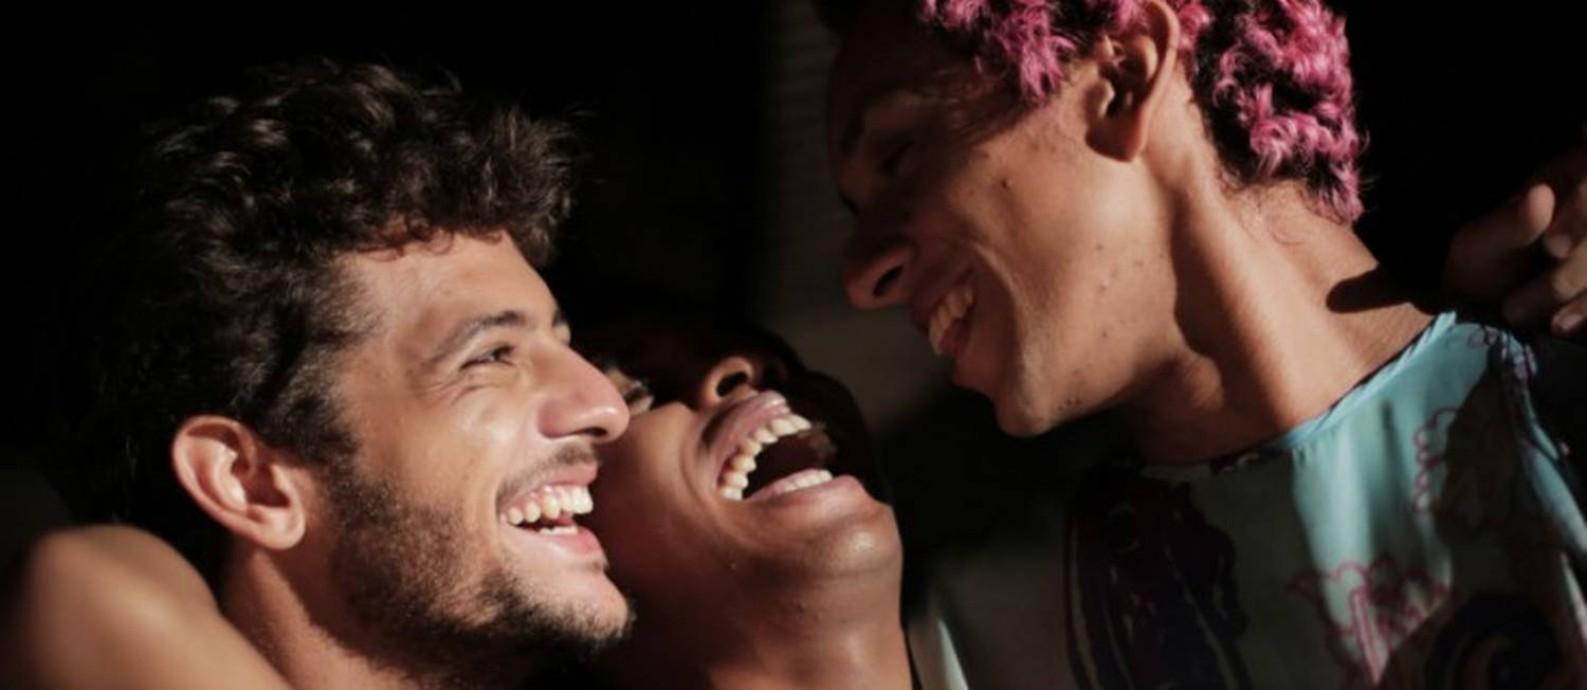 Cena do filme 'Corpo elétrico' Foto: Divulgação